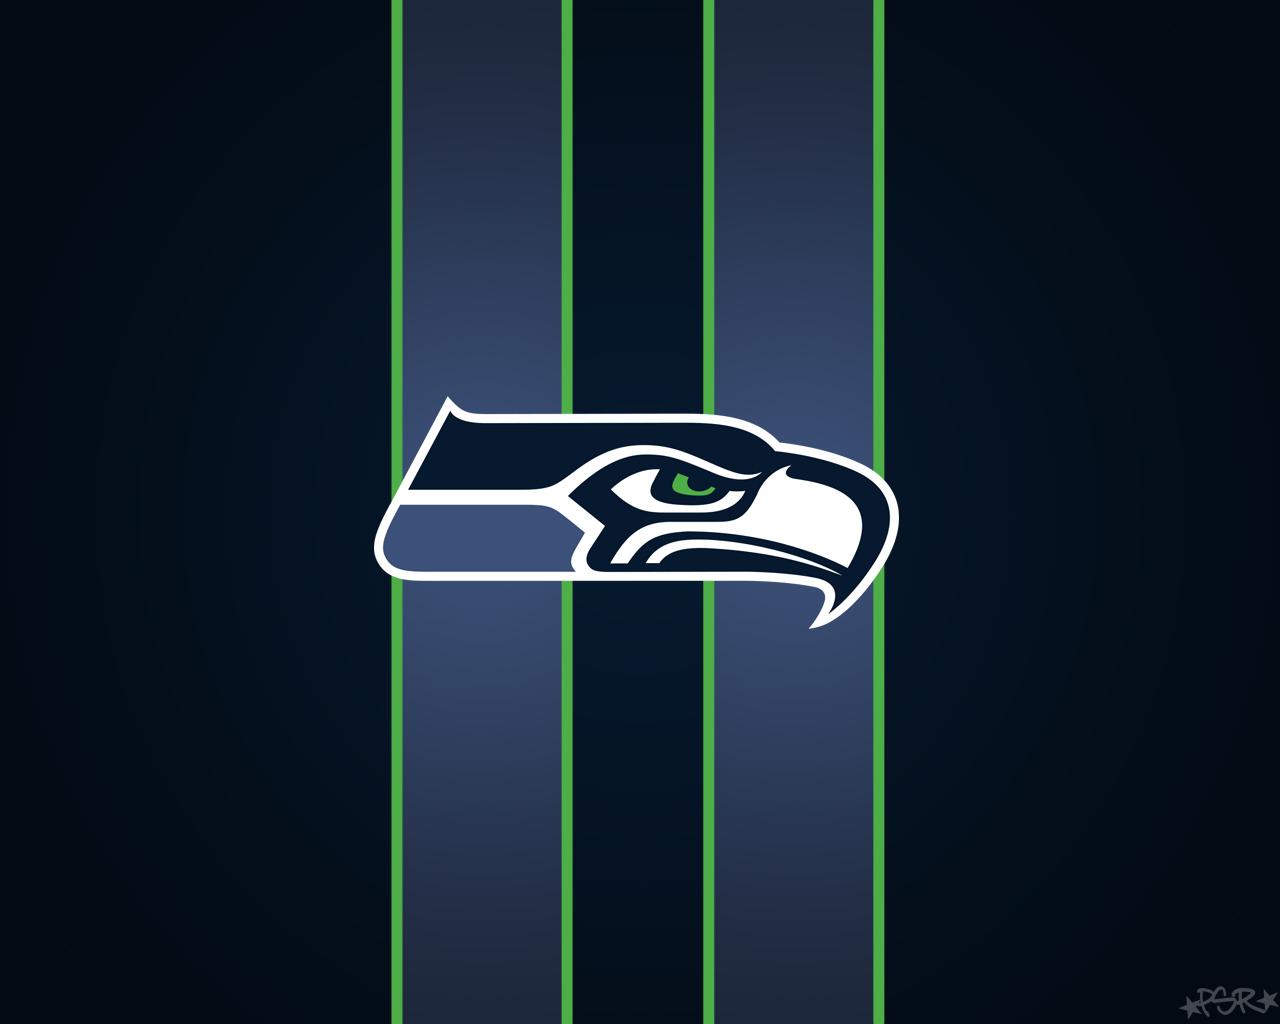 Seattle Seahawks Iphone Logo Wallpaper 75296 HD Wallpaper